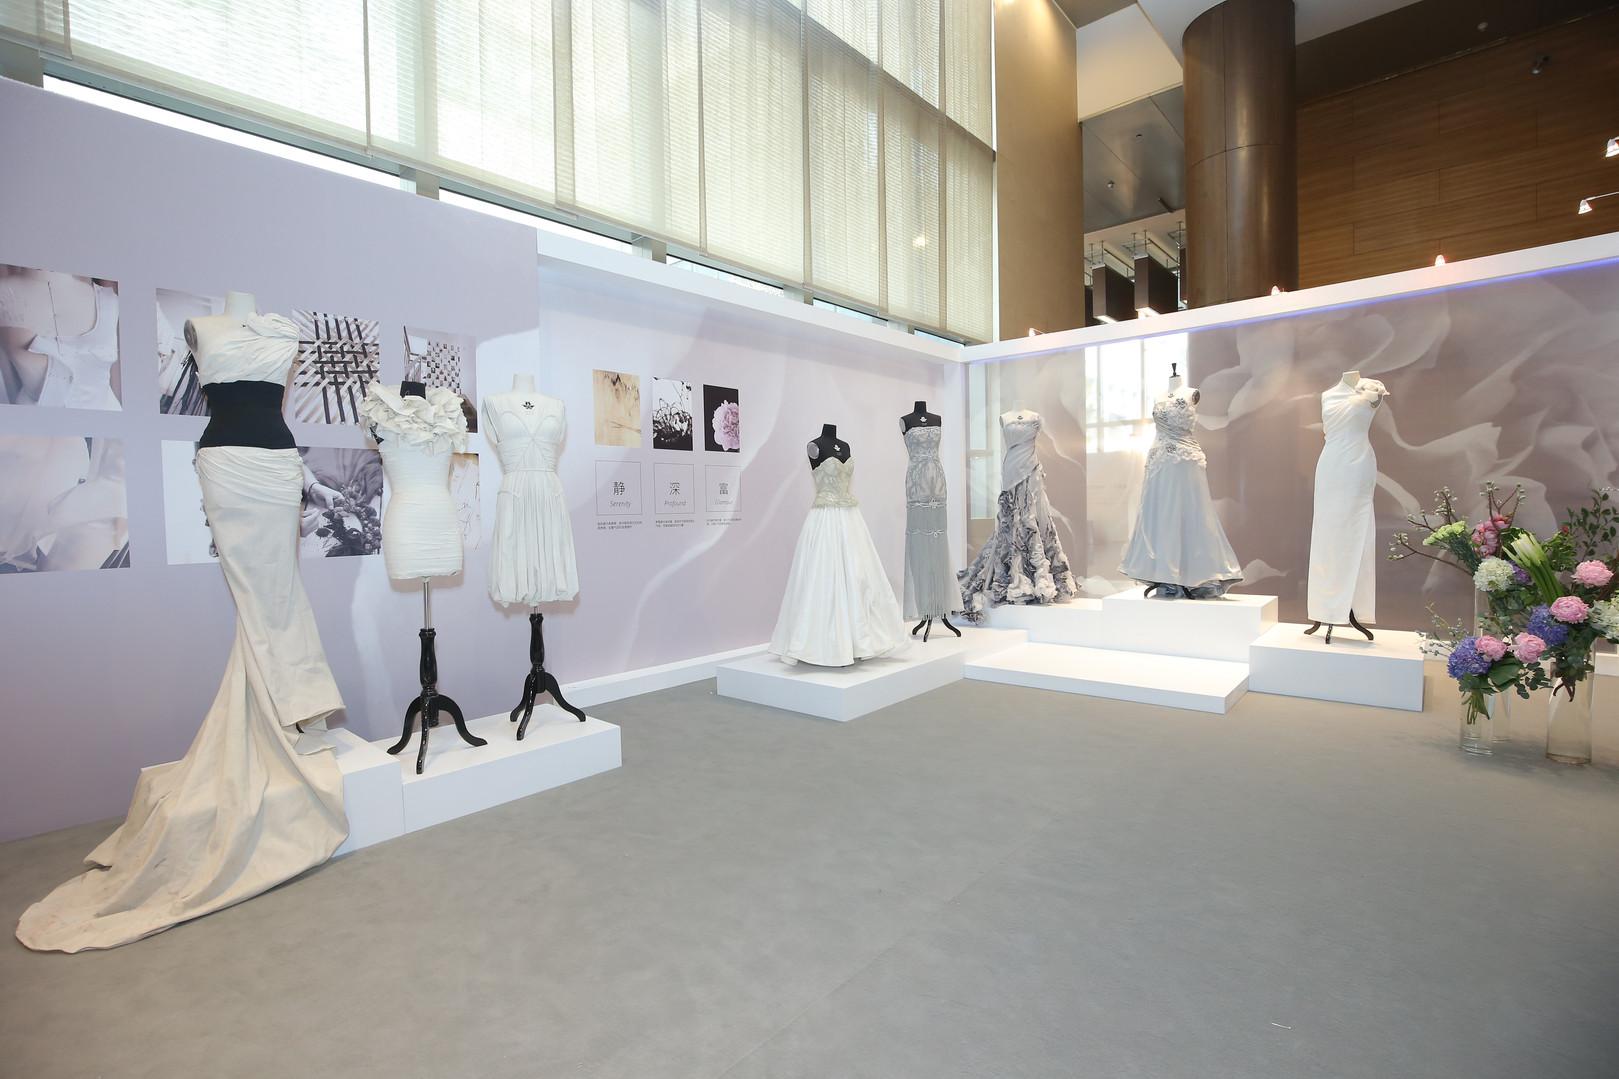 Runway show exhibit design